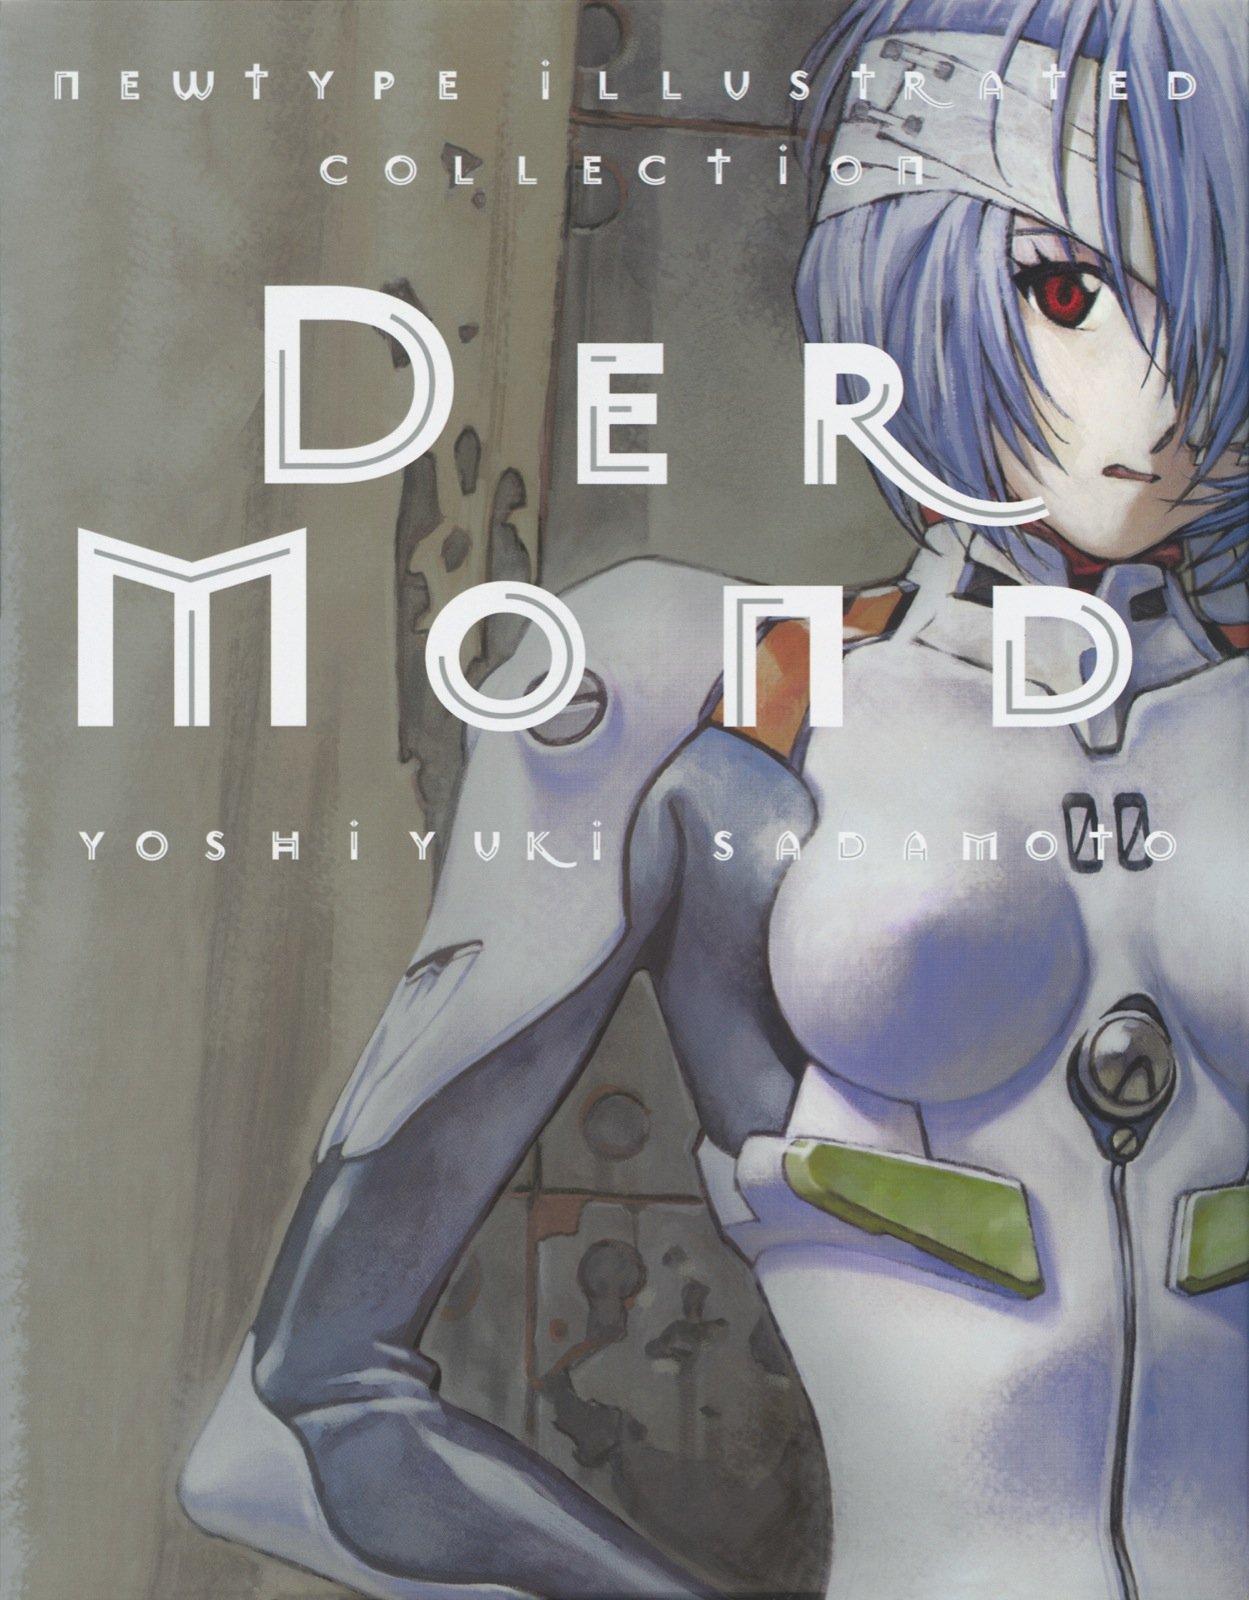 Artbook: Der Mond (Neon Genesis Evangelion) Taschenbuch – 15. Februar 2001 Gainax Yoshiyuki Sadamoto Carlsen 3551744068